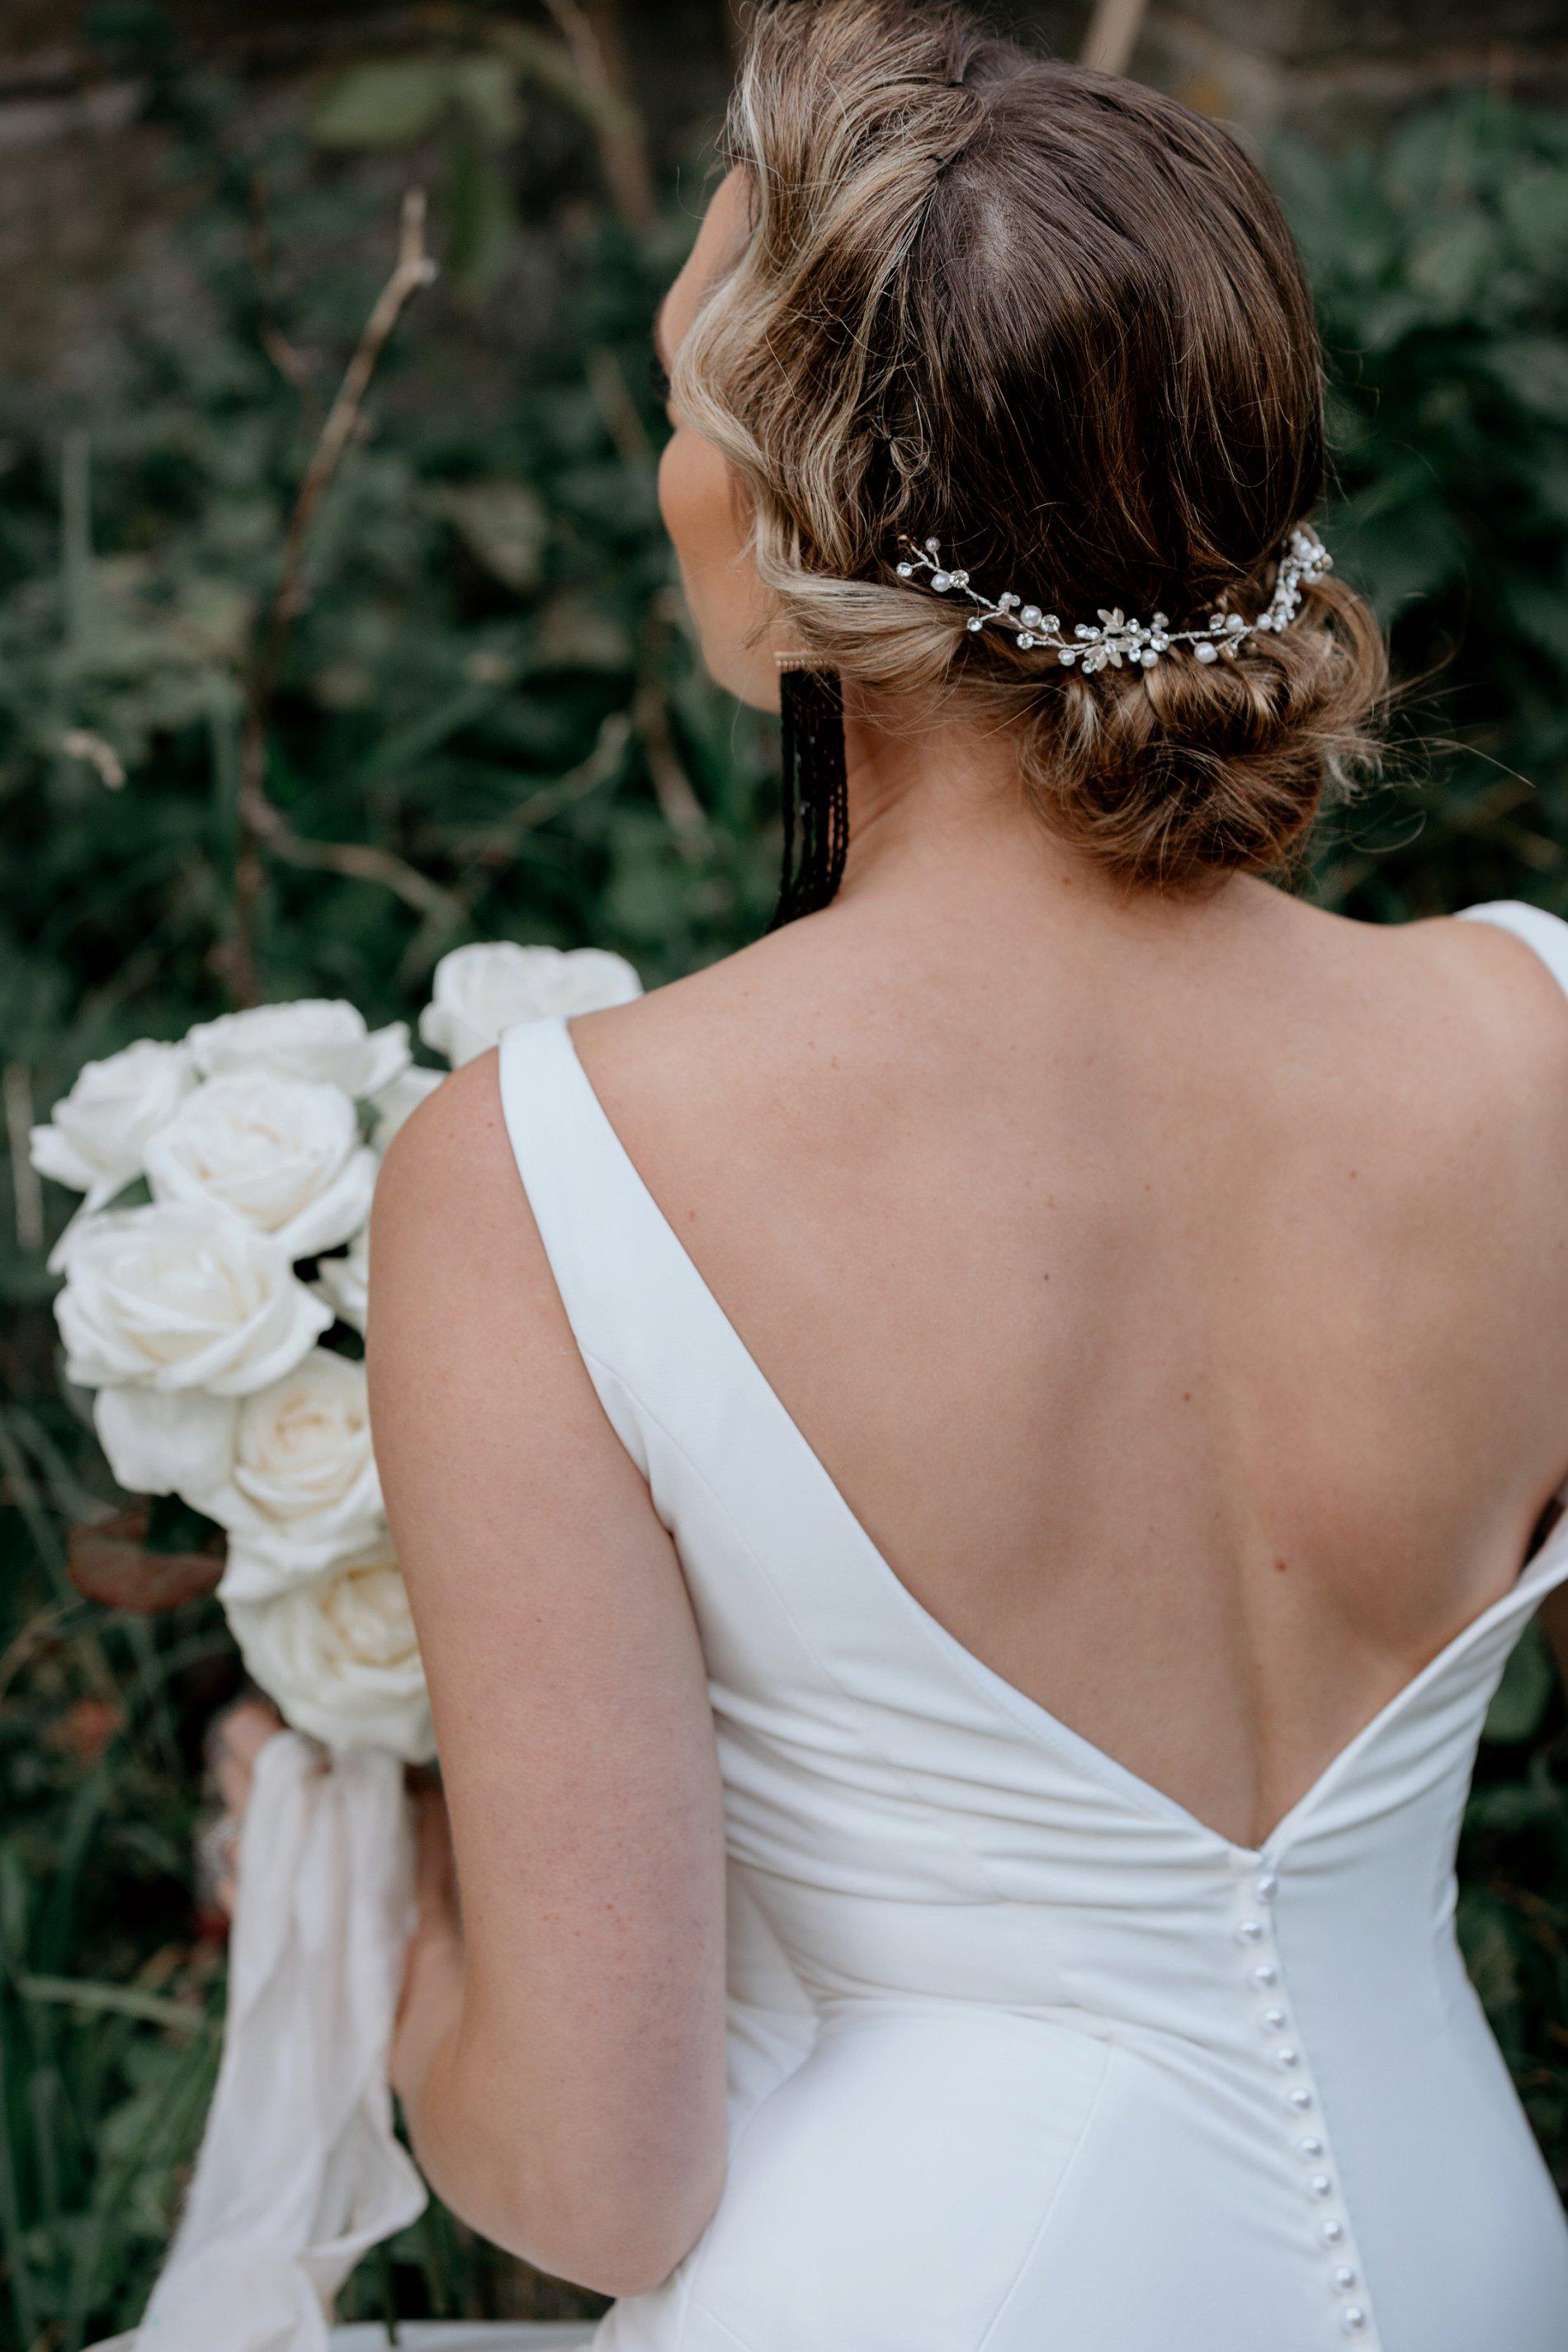 An Elegant Wedding Shoot at Jervaulx Abbey (c) Natalie Hamilton Photography (24)